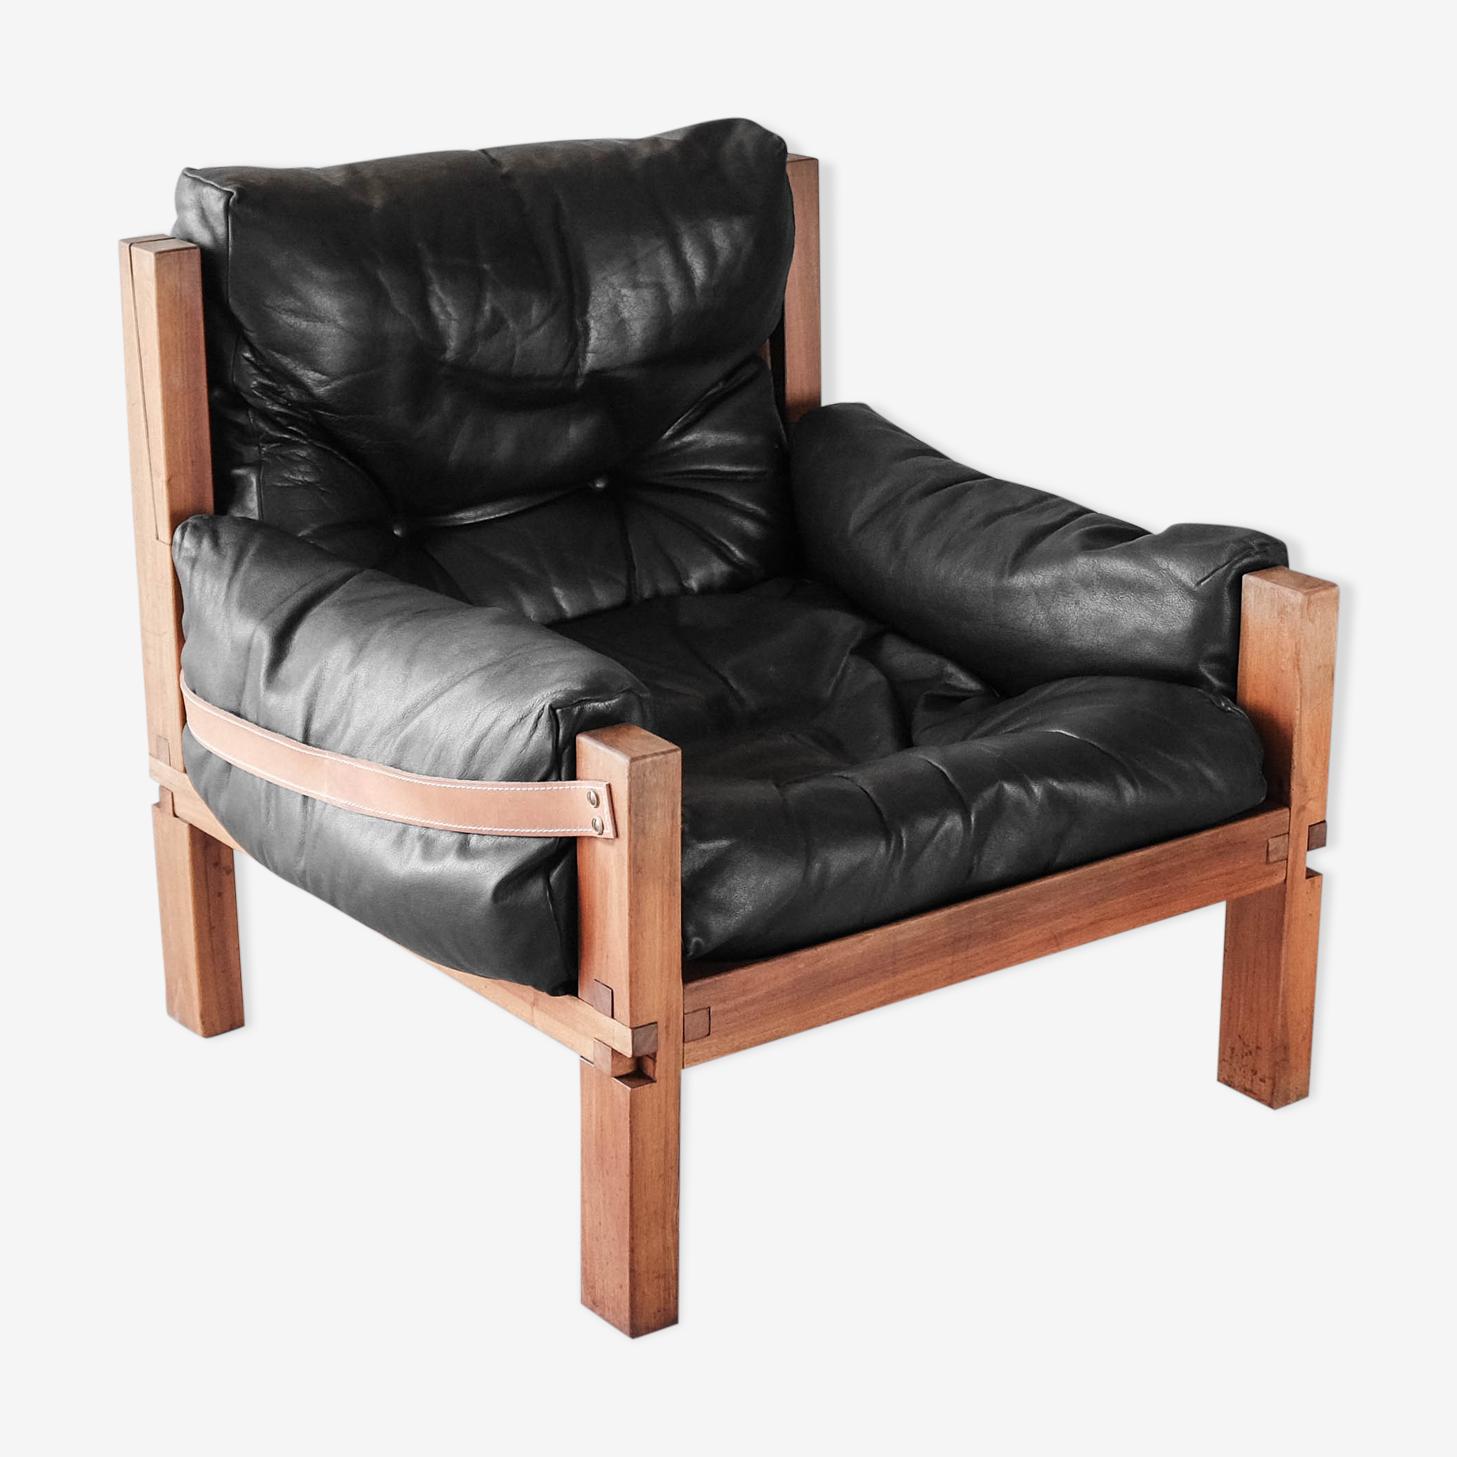 Pierre Chapo, fauteuil S15 en orme massif et cuir noir, 1970